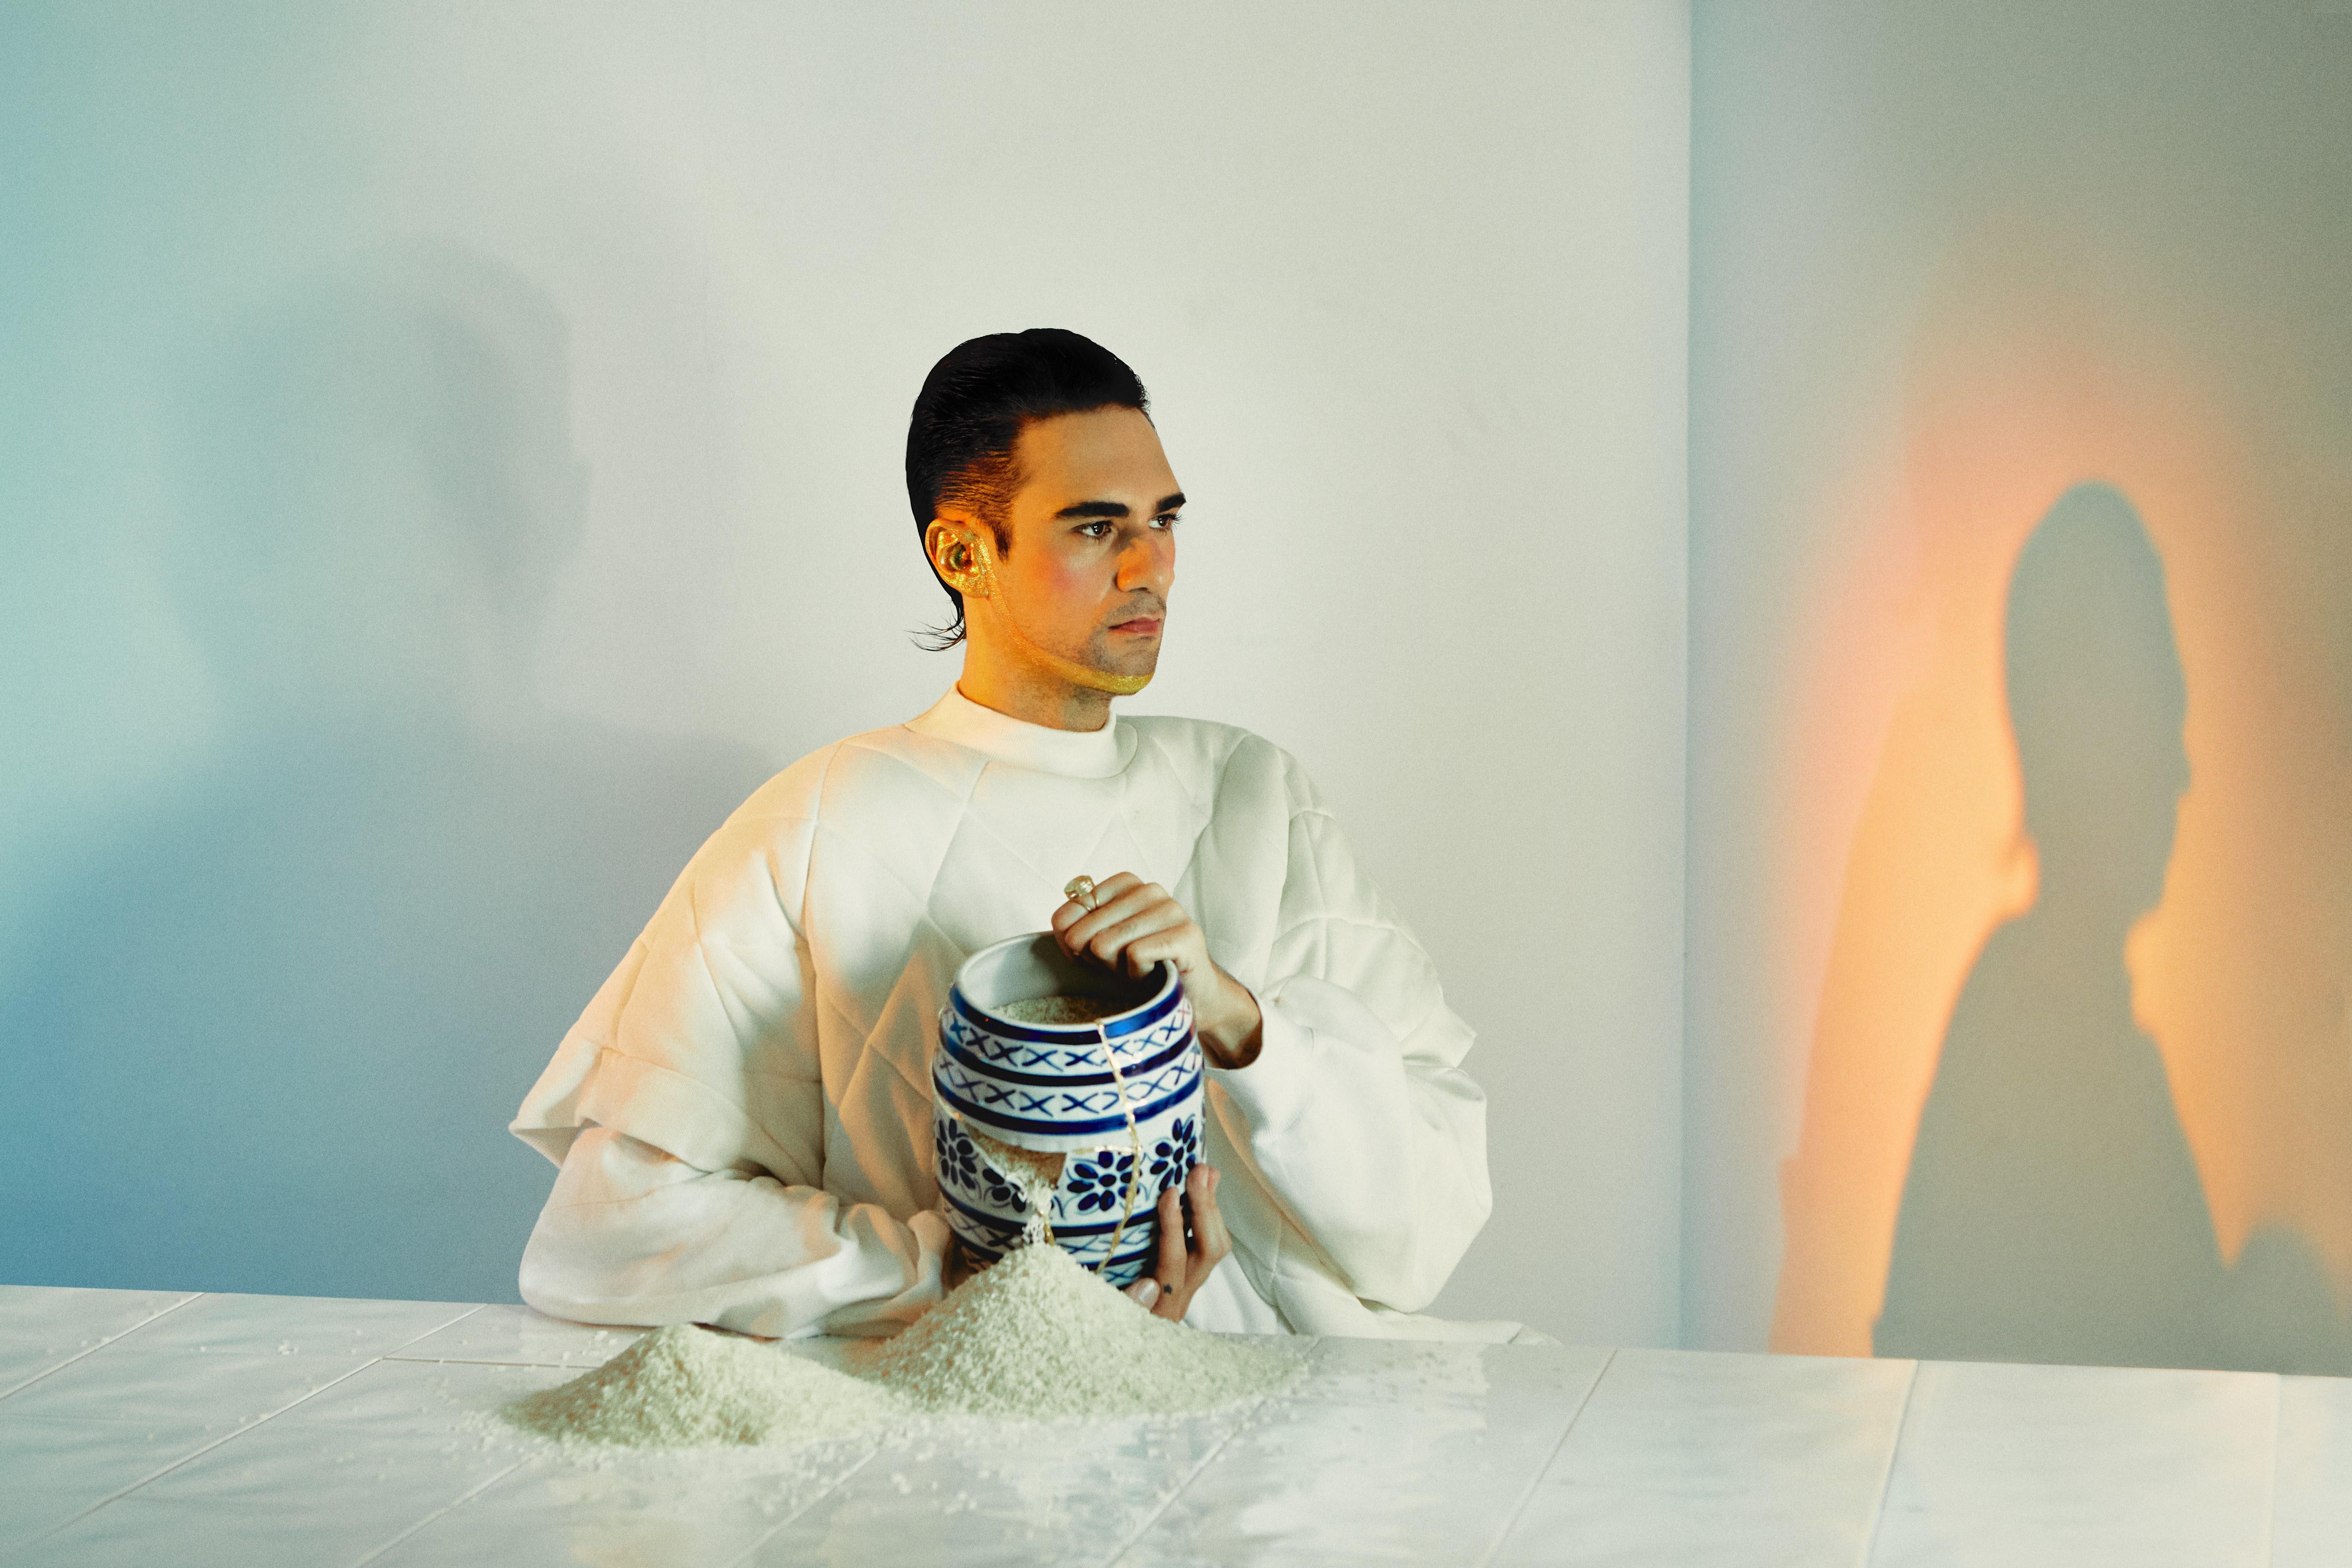 Siso lança seu novo álbum e evoca afetos